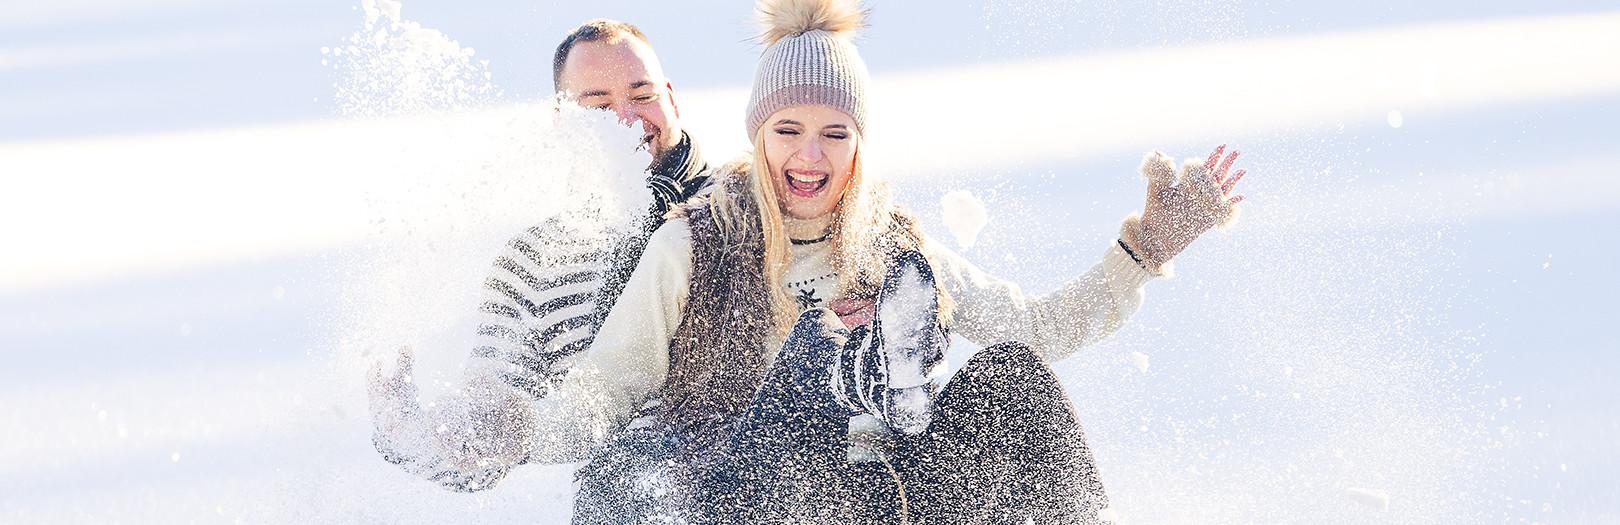 Klaudia i Marek - zimowa sesja plenerowa